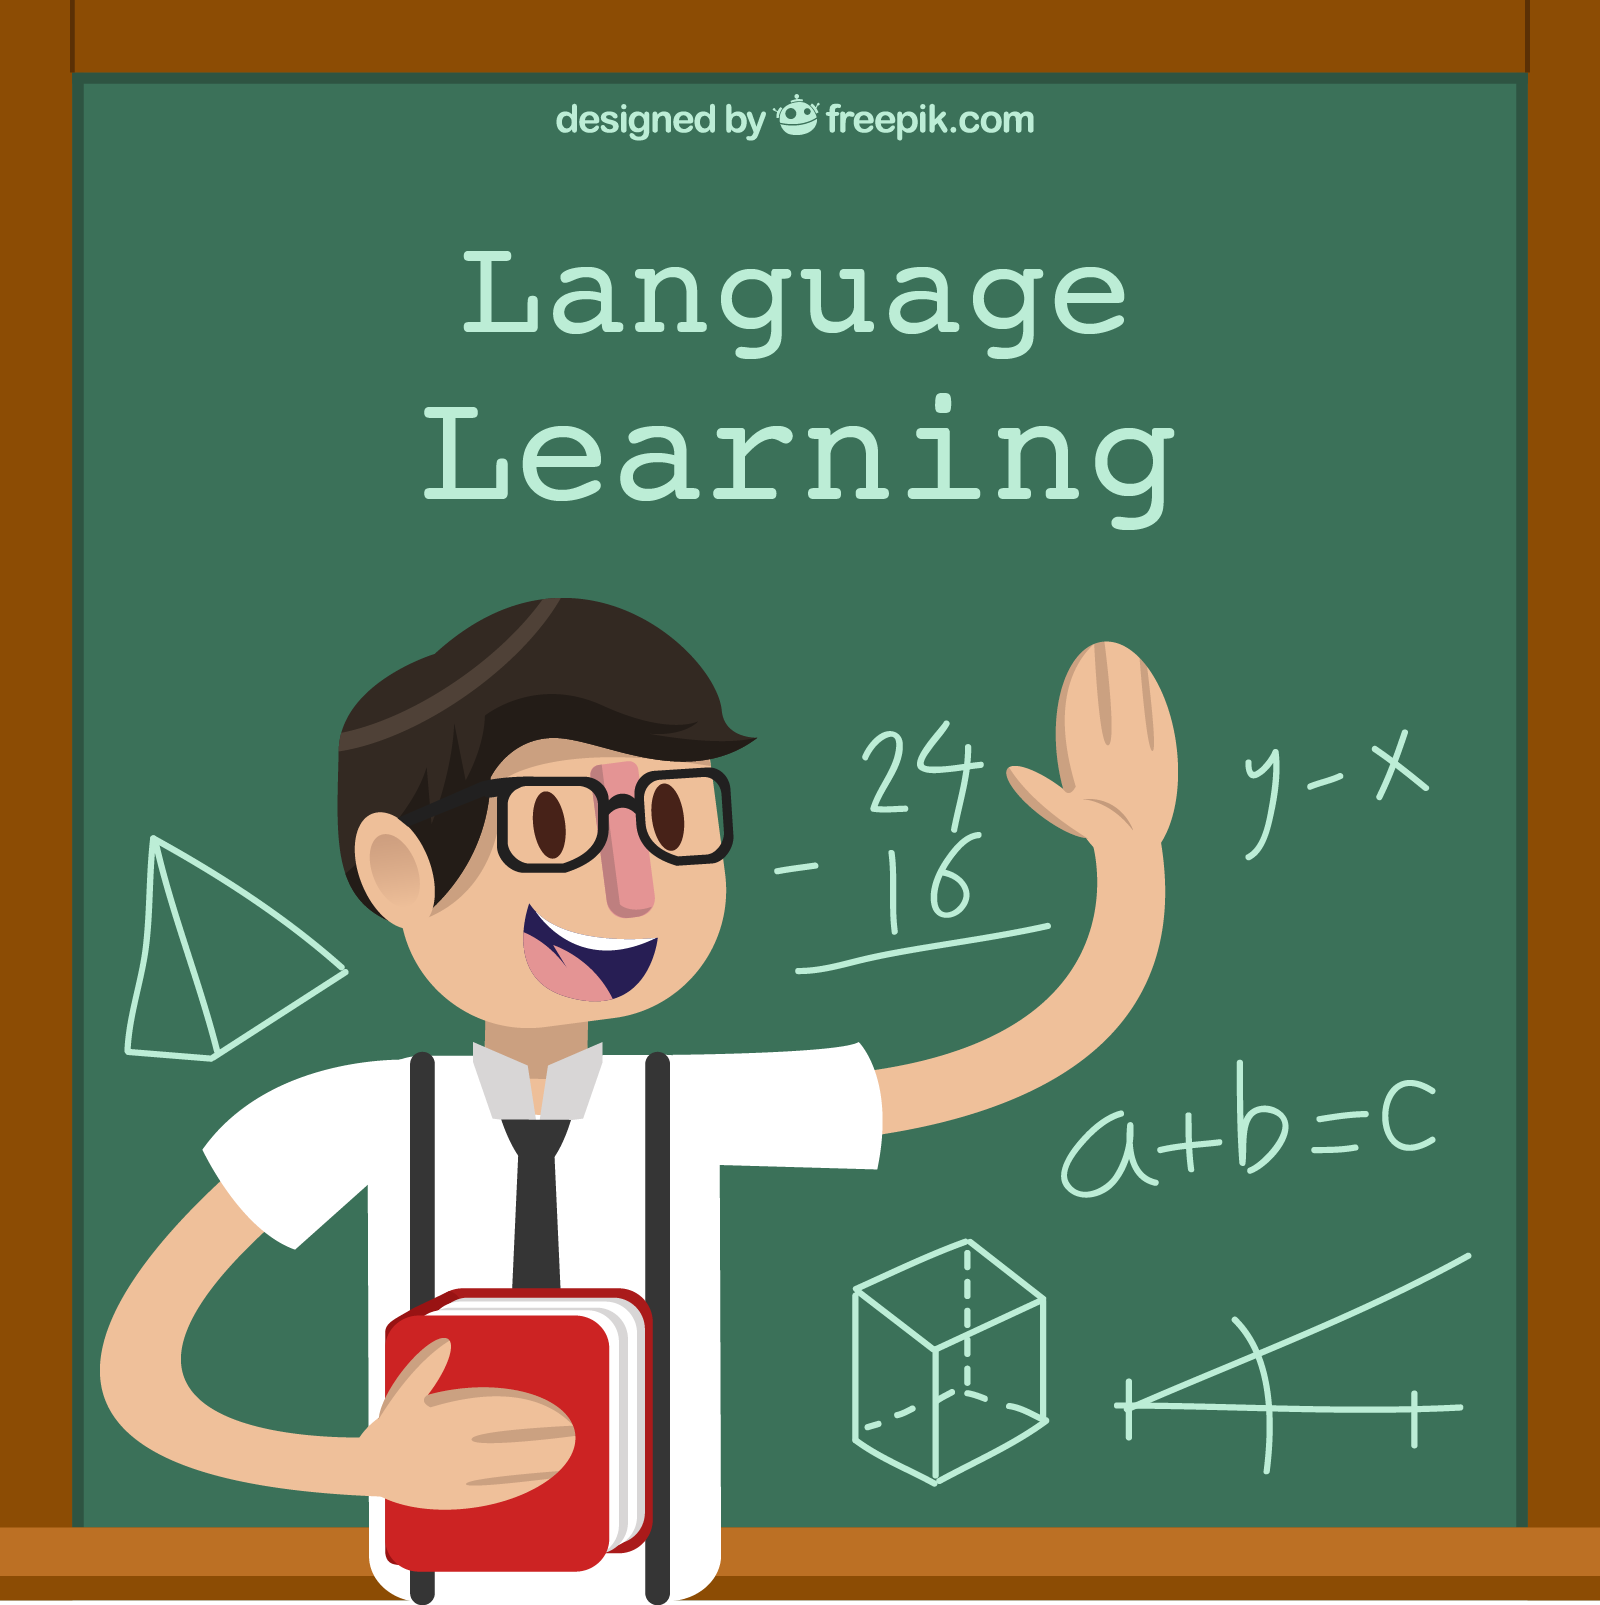 Icone Maths Language Learning